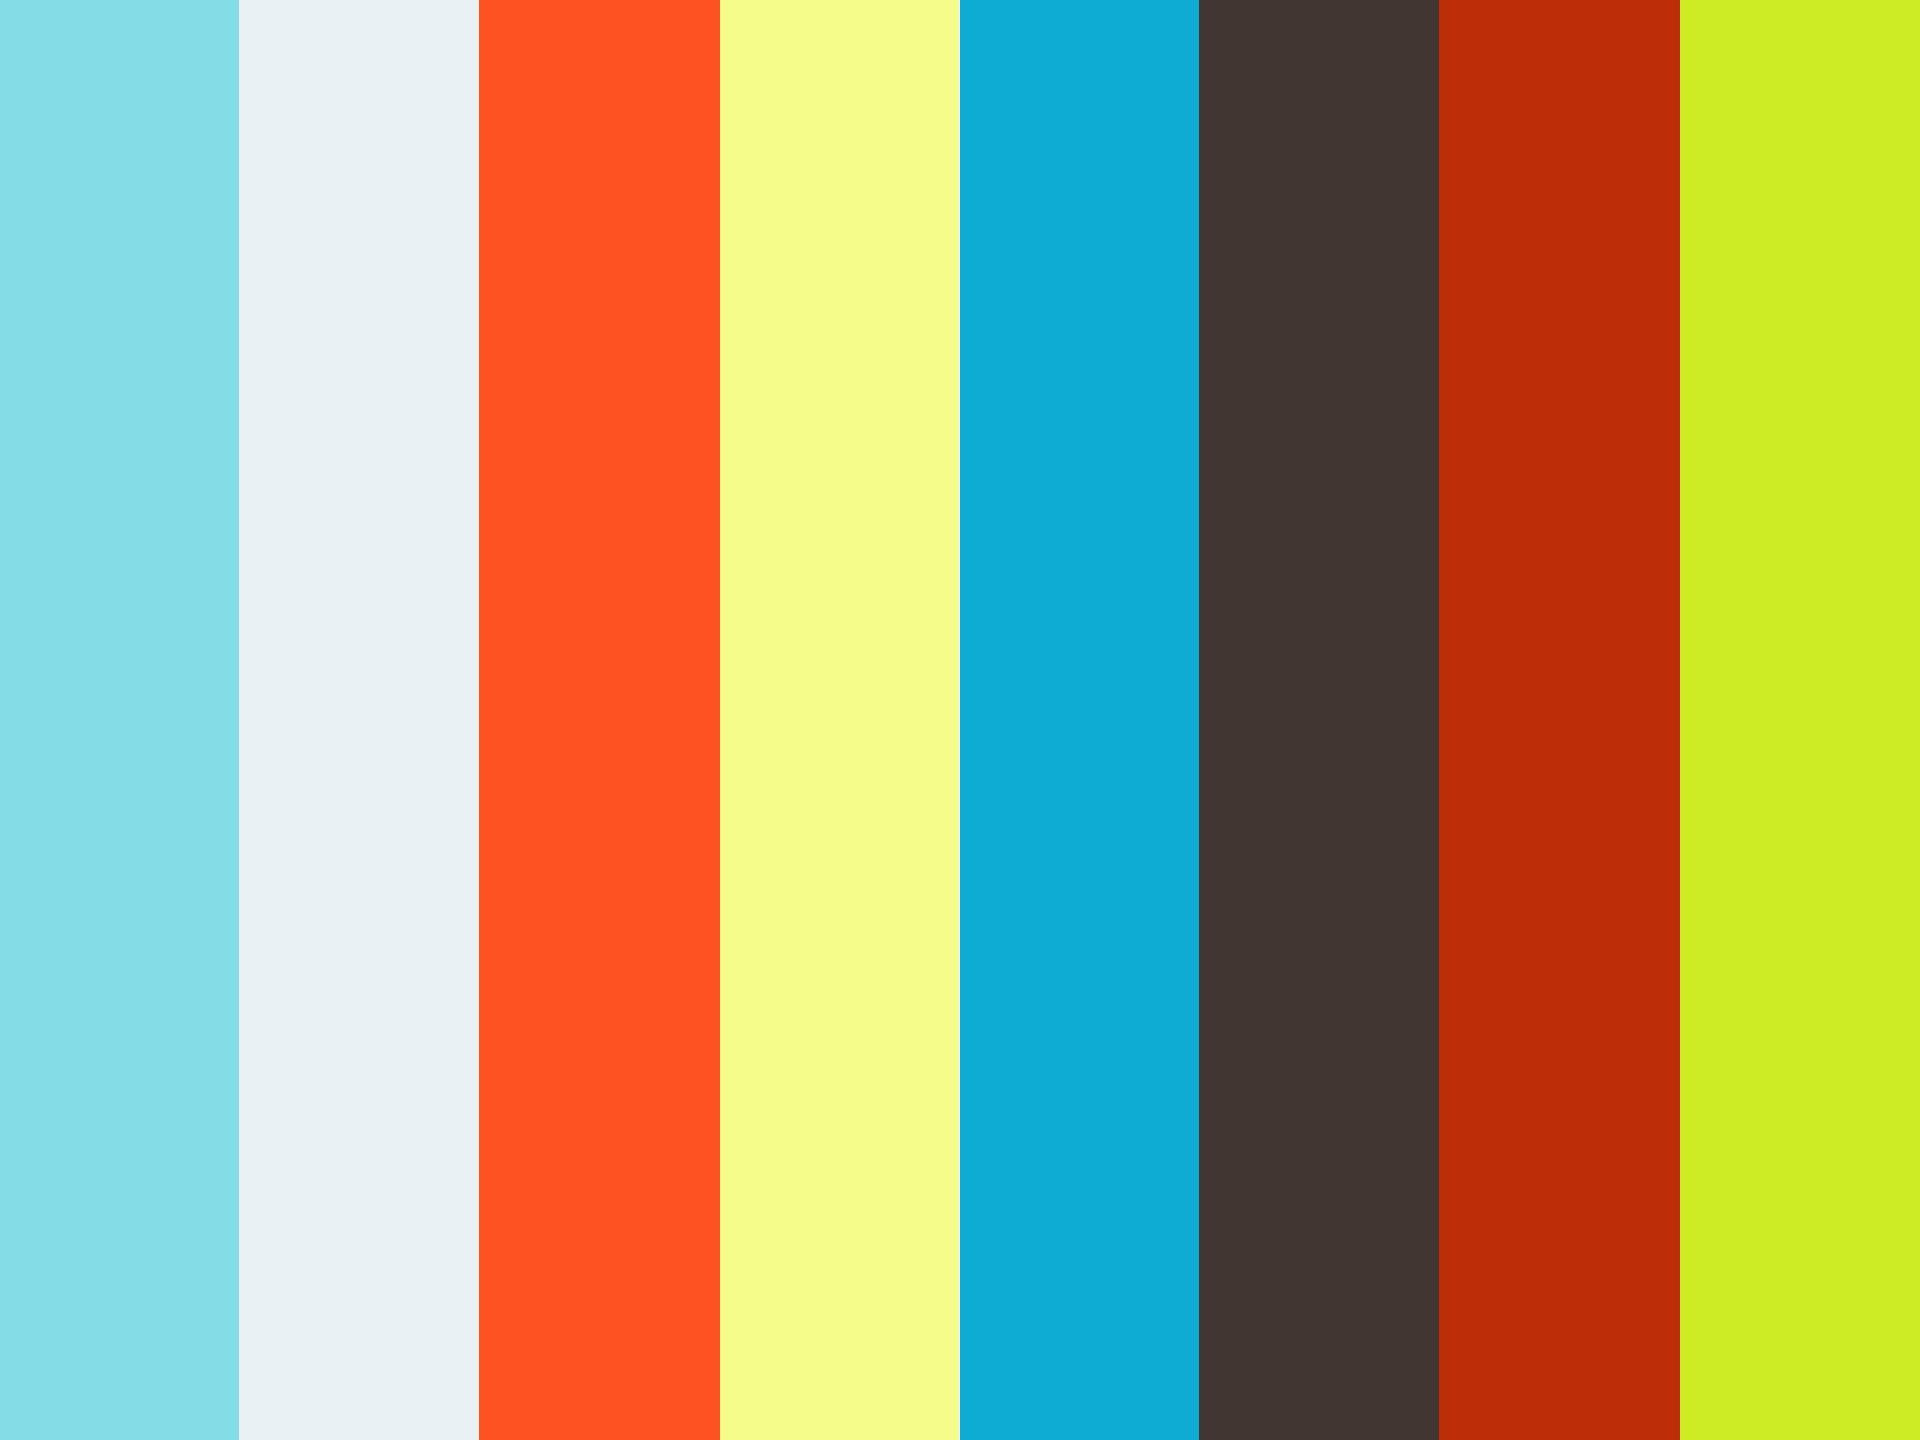 IPS e.max ジルキャド MT マルチ チェアサイドブロック草間幸夫先生によるビデオセミナー #2 みんなが知りたい!チェアサイドのためのジルコニア修復物キャラクタライゼーションの最新情報【新製品ジルキャドMTマルチブロックのテストパック送付付き】